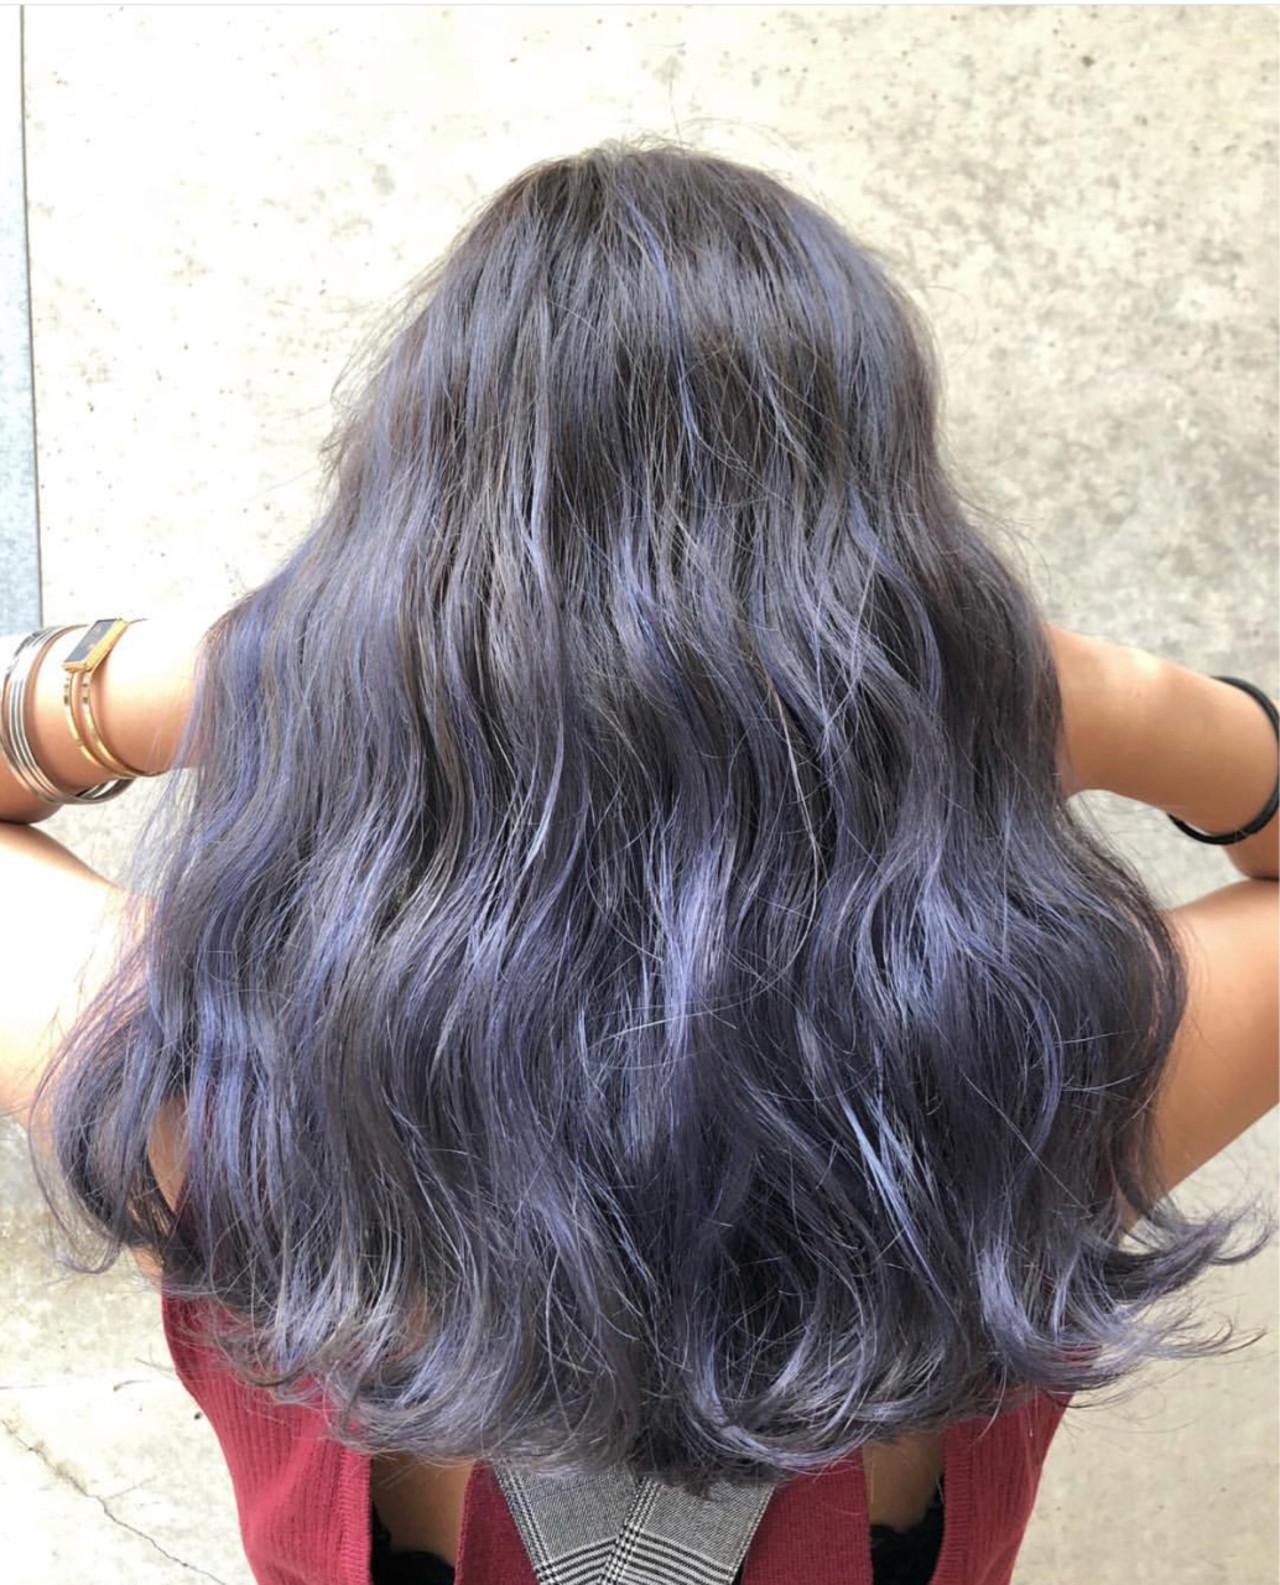 セミロング ネイビー グレージュ シルバーアッシュ ヘアスタイルや髪型の写真・画像